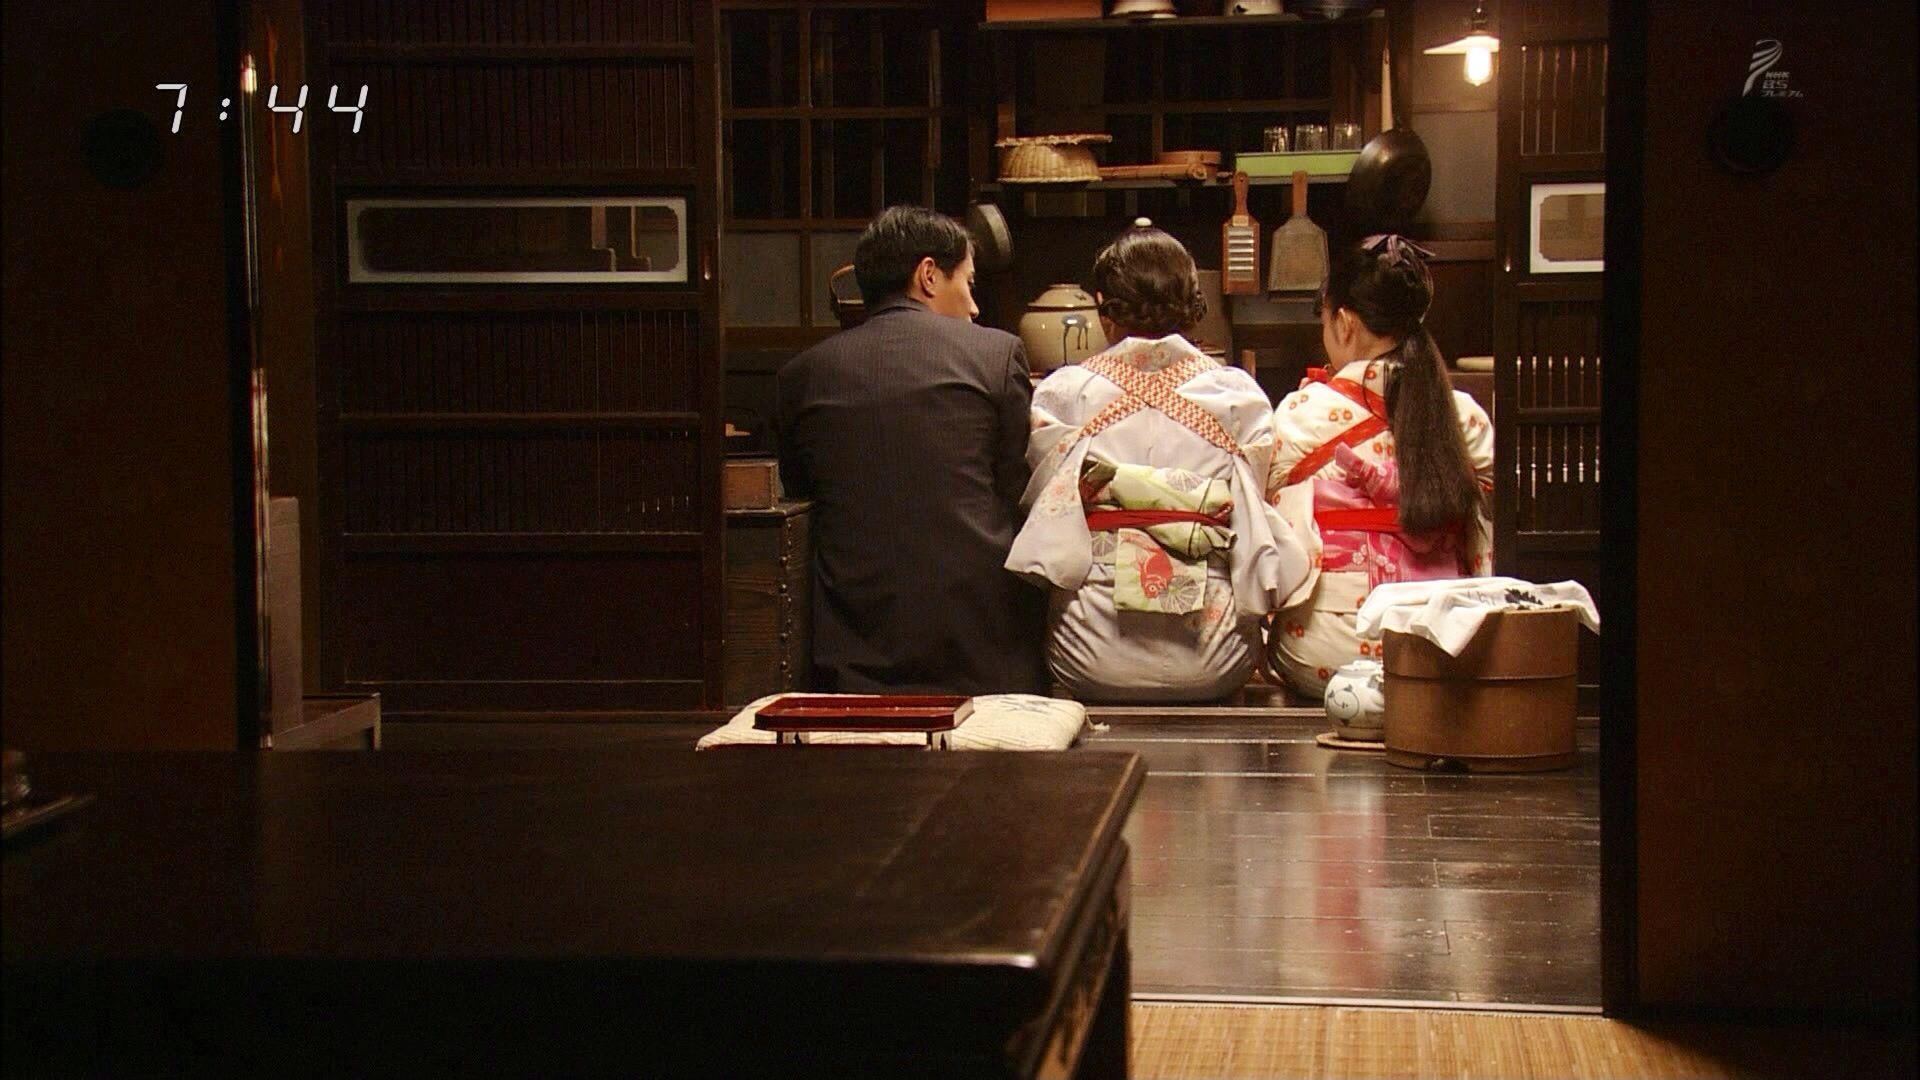 ごちそうさん (2013年のテレビドラマ)の画像 p1_37